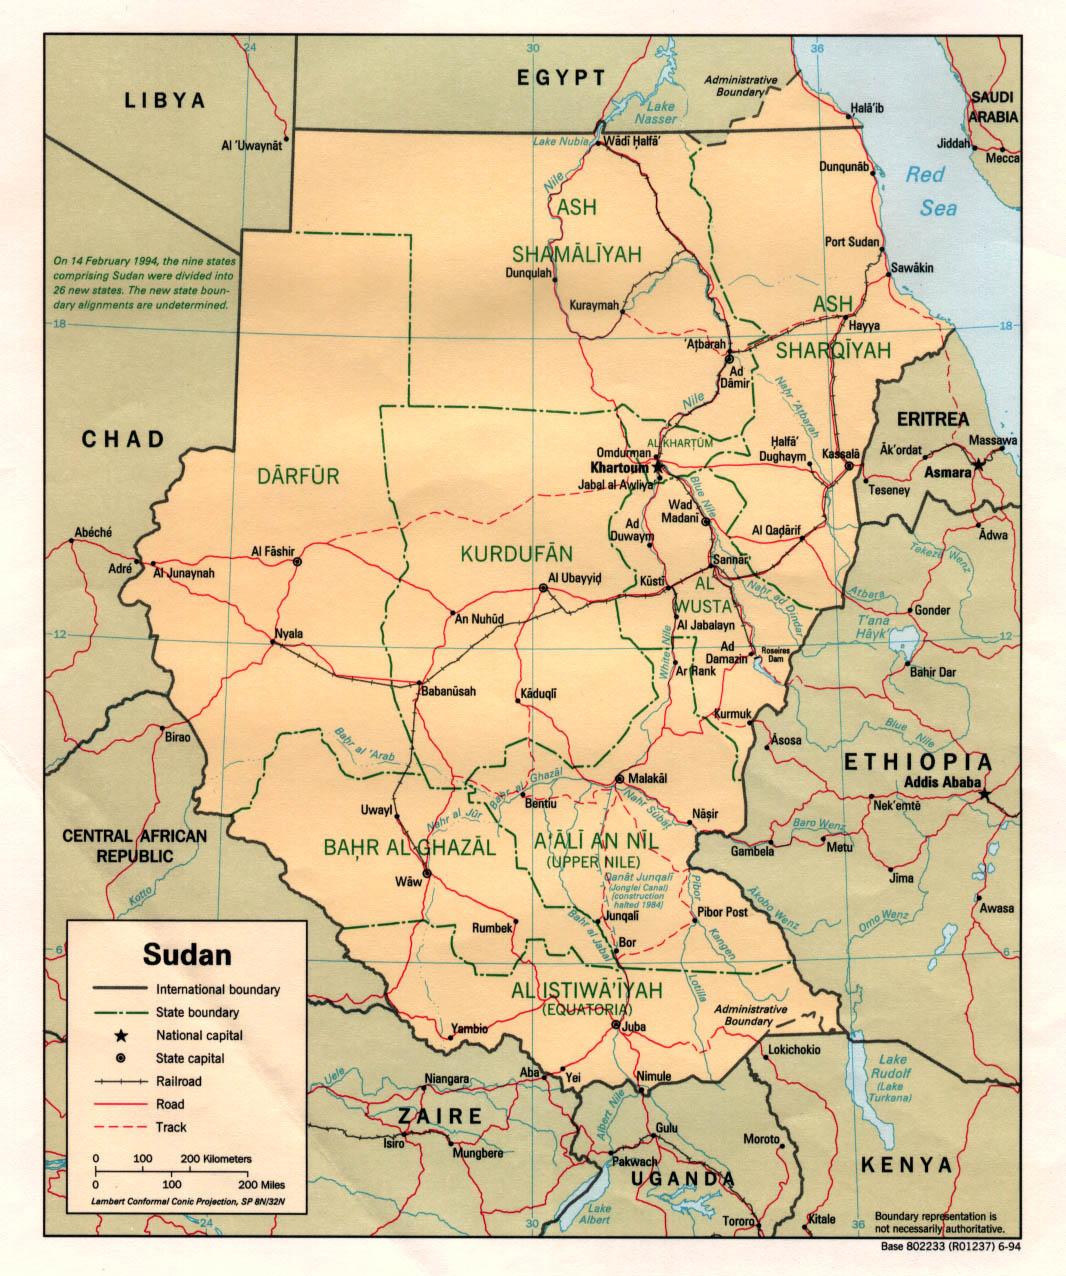 Download Free Sudan Darfur Maps - Sudan map download